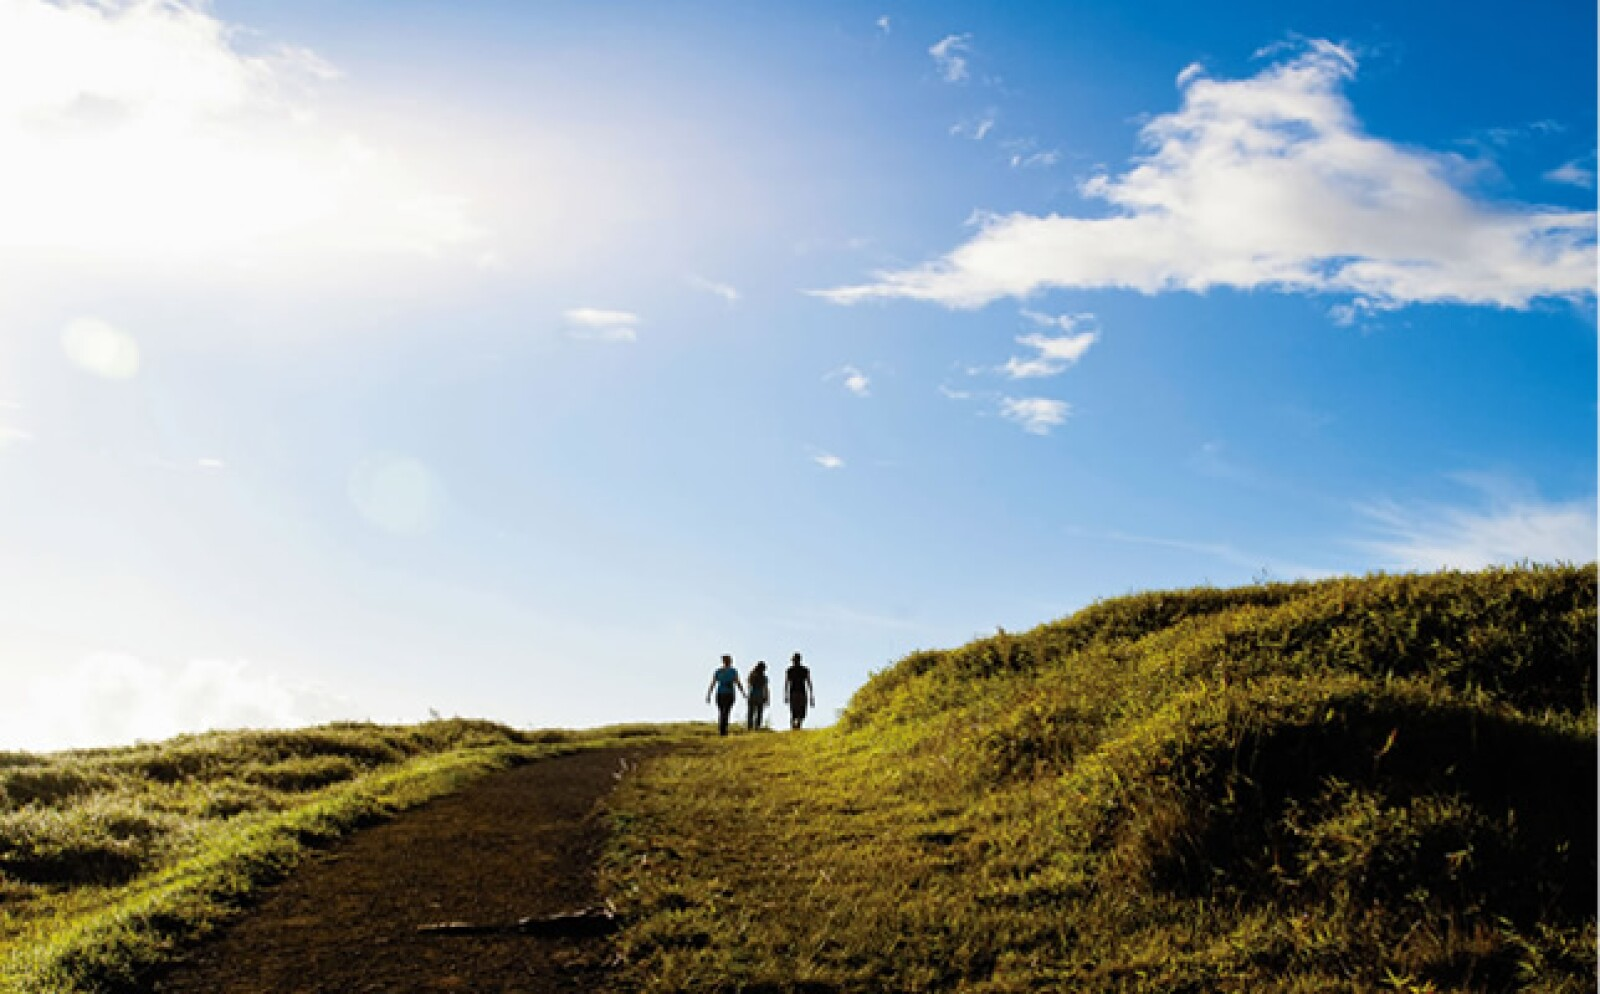 Si aún no tienes el lugar ideal para decirle adiós al 2012, la revista Travel + Leisure en su edición de diciembre te sugiere visitar el territorio secreto de Chile, mejor conocido como la Isla de Pascua.